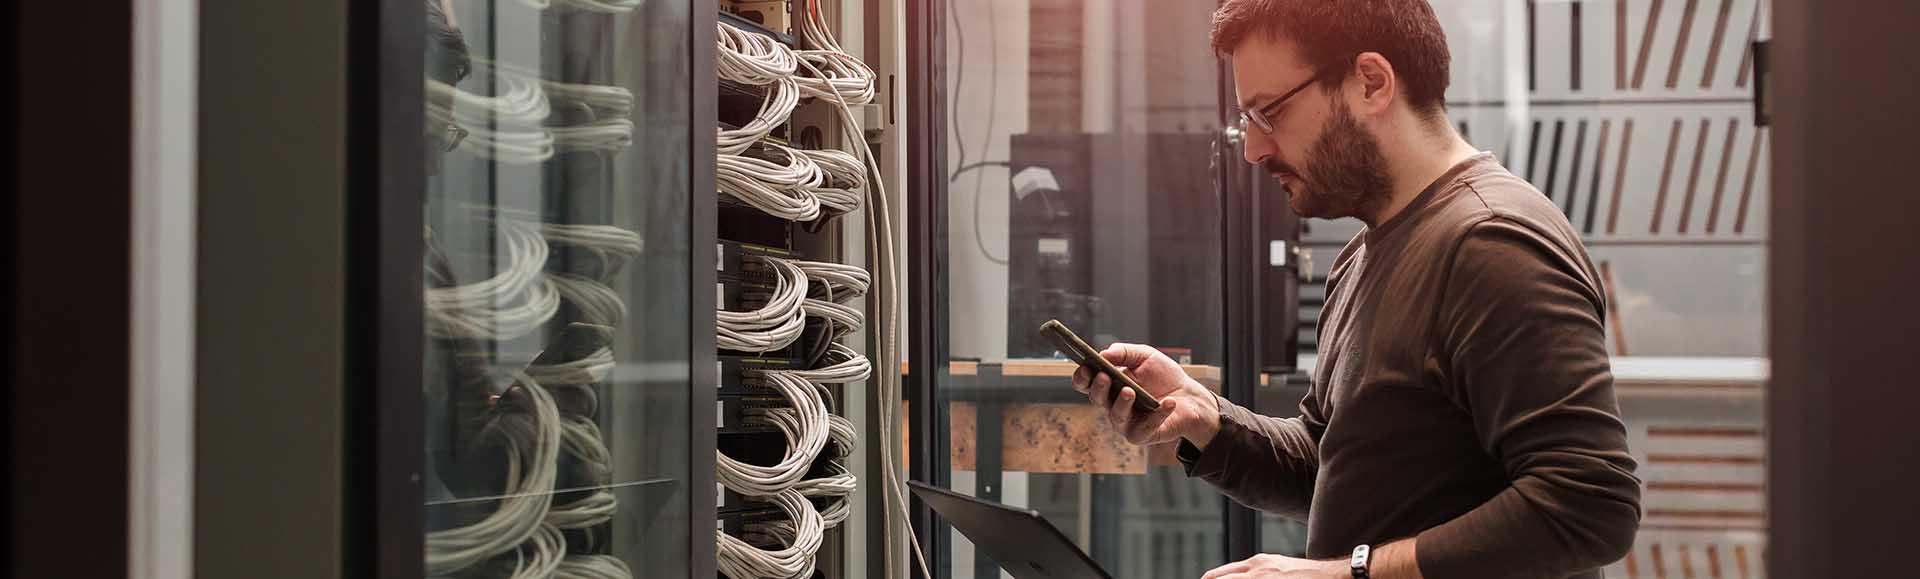 IT Infrastruktur optimieren - IT Services und Managed Hosting mit rocon